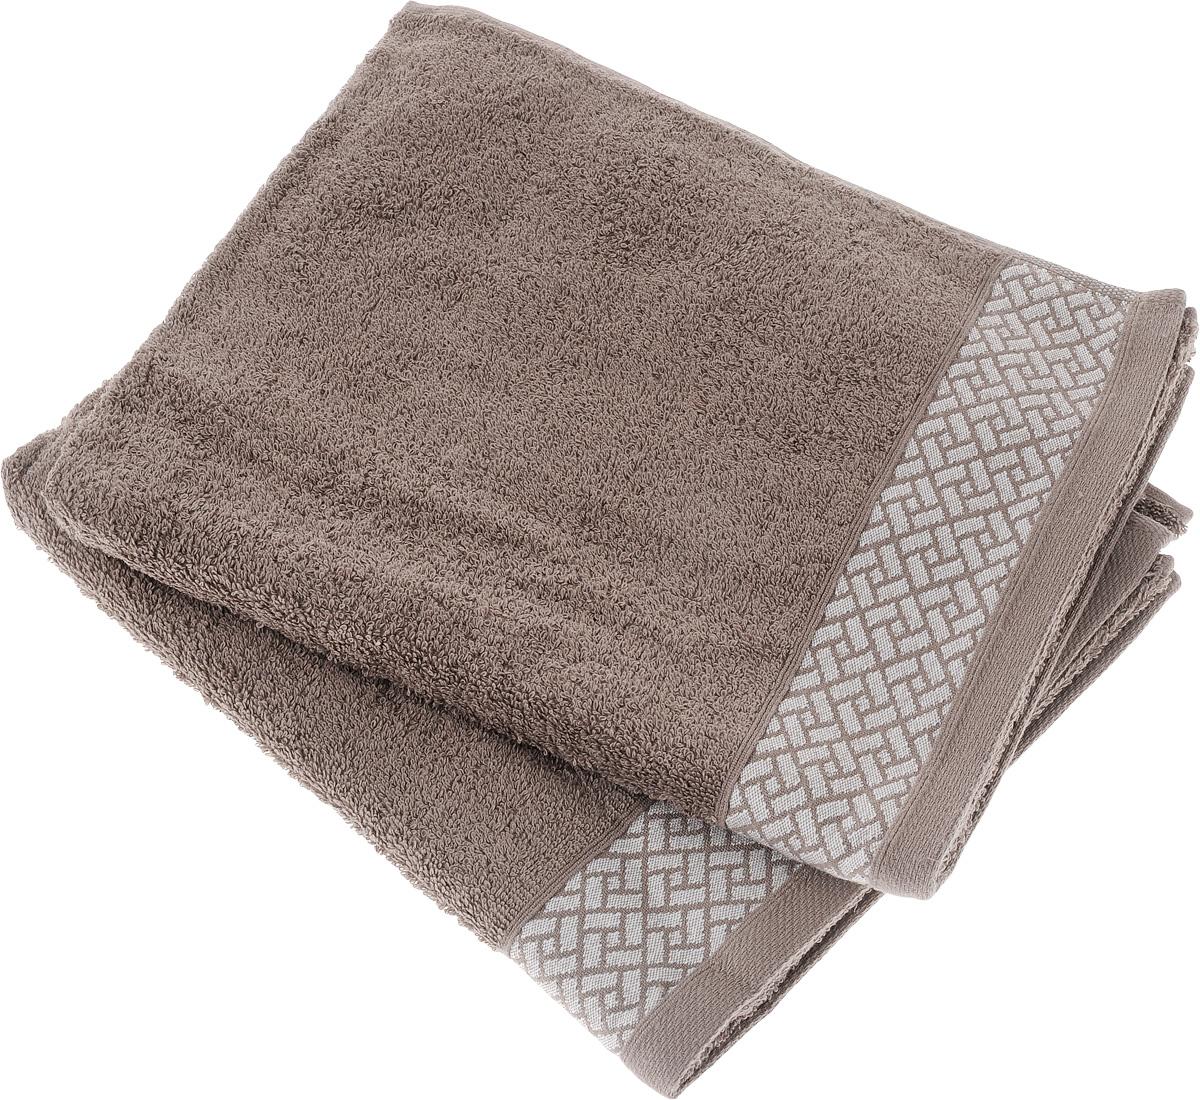 Набор полотенец Tete-a-Tete Лабиринт, цвет: кофе, 50 х 90 см, 2 шт. УП-009УП-009-02-2Набор Tete-a-Tete Лабиринт состоит из двух махровых полотенец, выполненных из натурального 100% хлопка. Бордюр полотенец декорирован геометрическим узором. Изделия мягкие, отлично впитывают влагу, быстро сохнут, сохраняют яркость цвета и не теряют форму даже после многократных стирок. Полотенца Tete-a-Tete Лабиринт очень практичны и неприхотливы в уходе. Они легко впишутся в любой интерьер благодаря своей нежной цветовой гамме.Размер полотенца: 50 х 90 см.